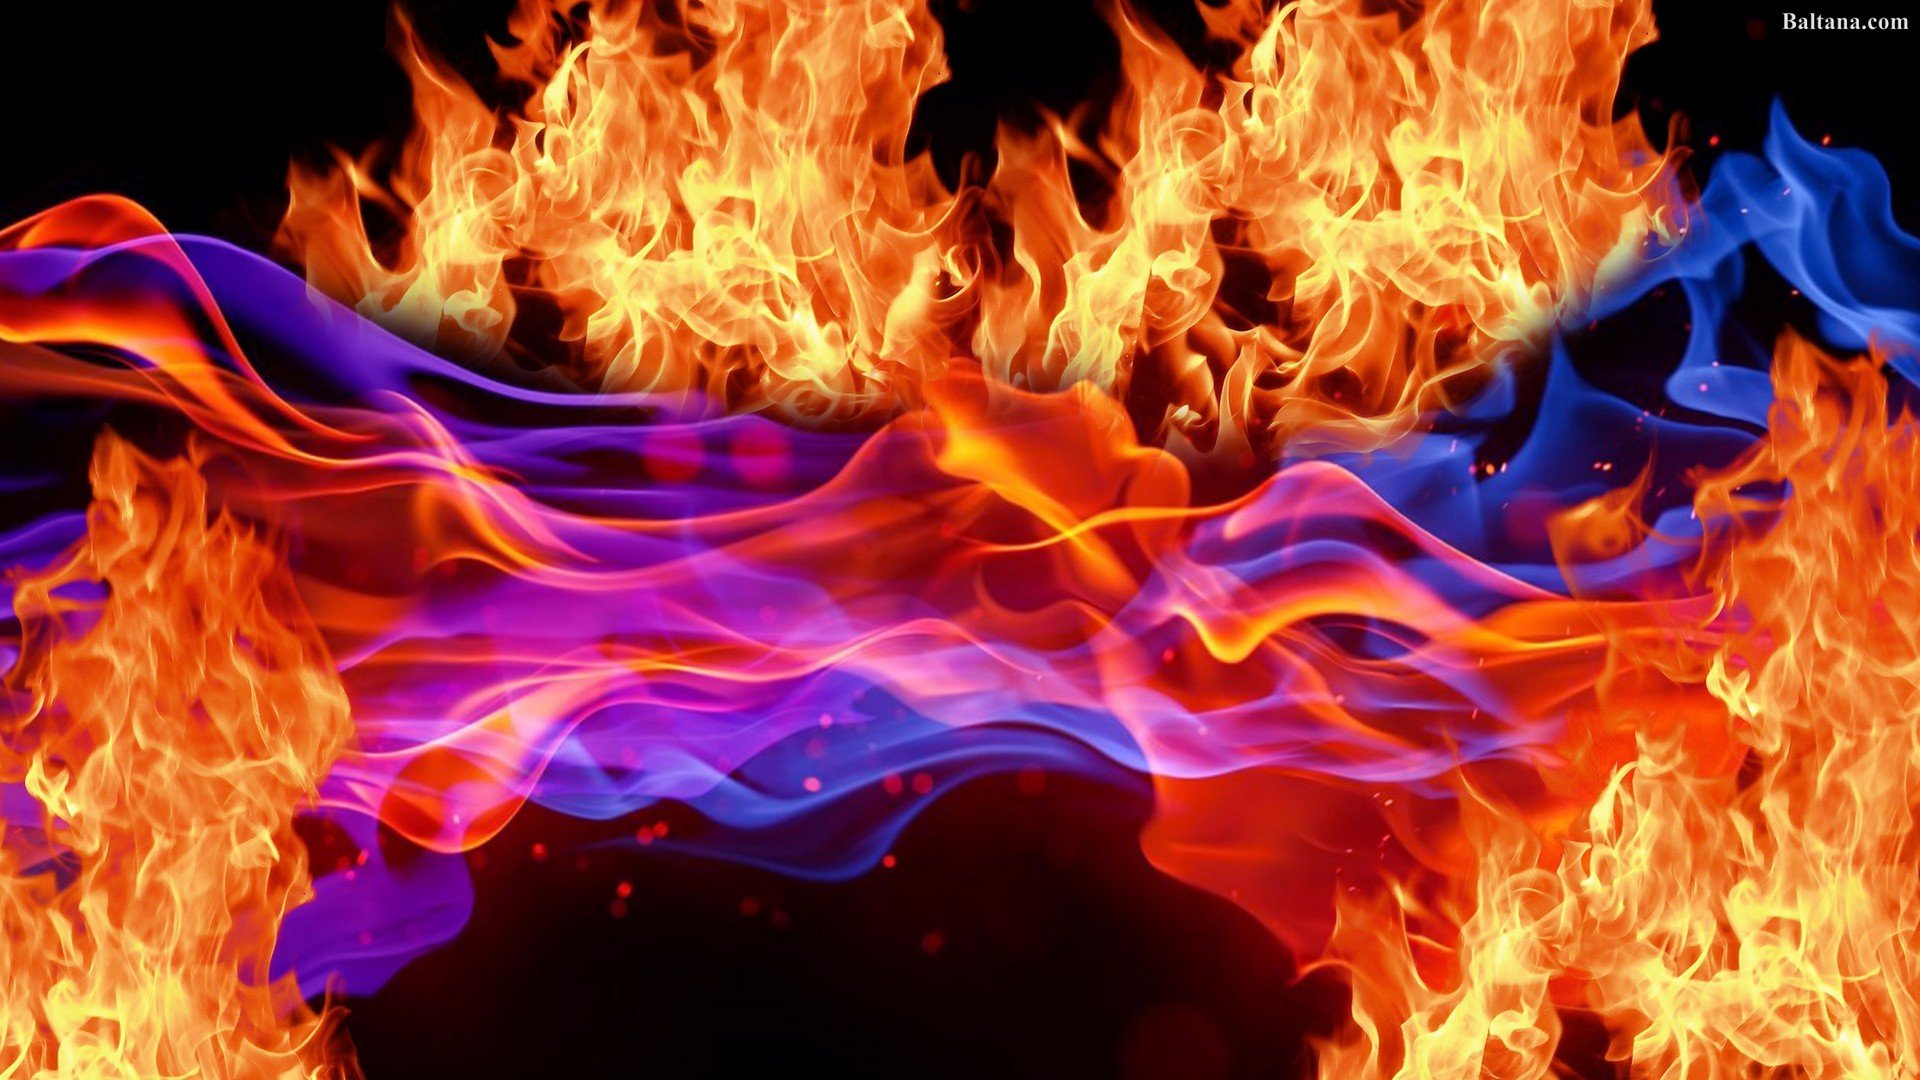 Fire Background Wallpaper 30358   Baltana 1920x1080